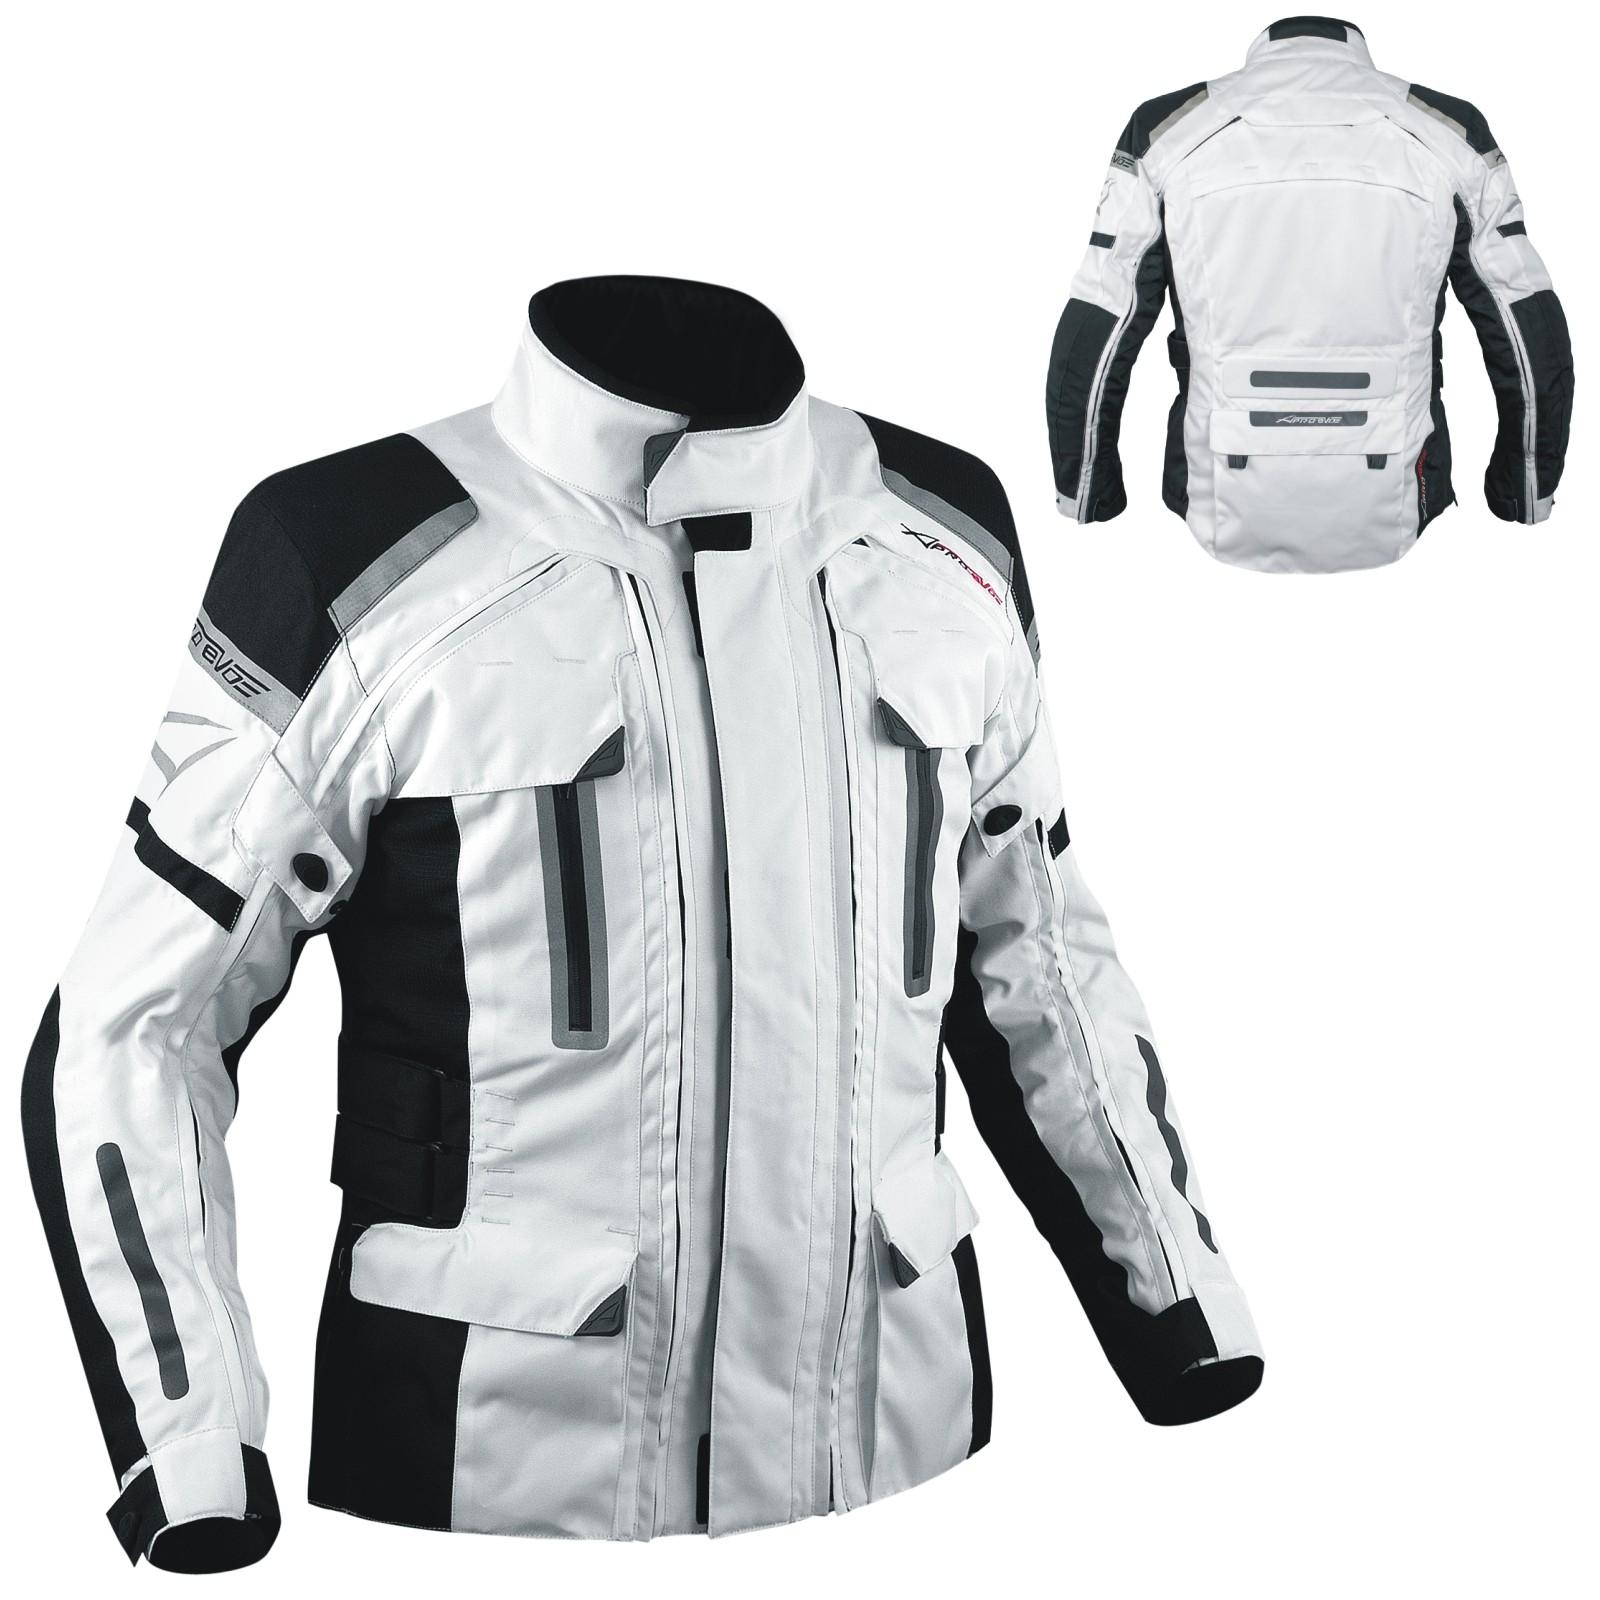 Strati Abbigliamento Moto 4 Accessori Sfoderabile E Giacca 8wnOP0NZkX